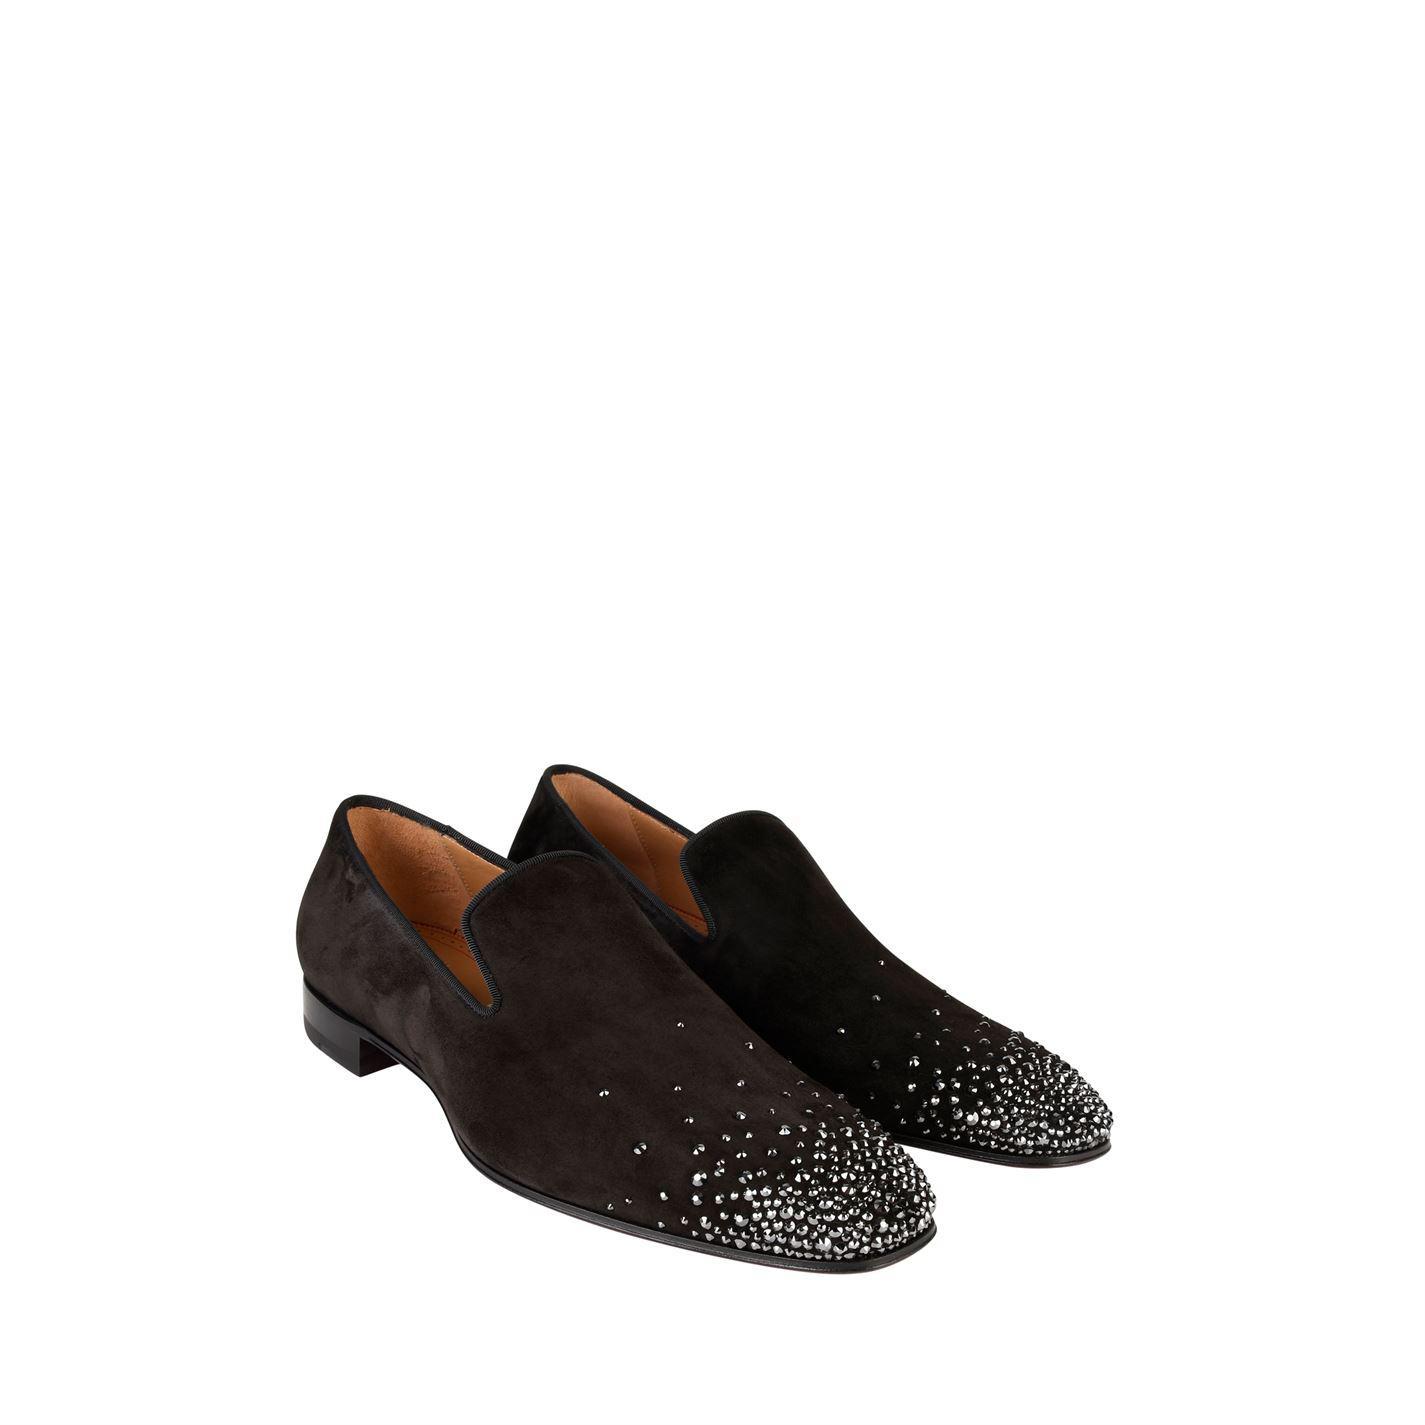 22d9d052e178 Christian Louboutin - Black Dandelion Loafers for Men - Lyst. View  fullscreen